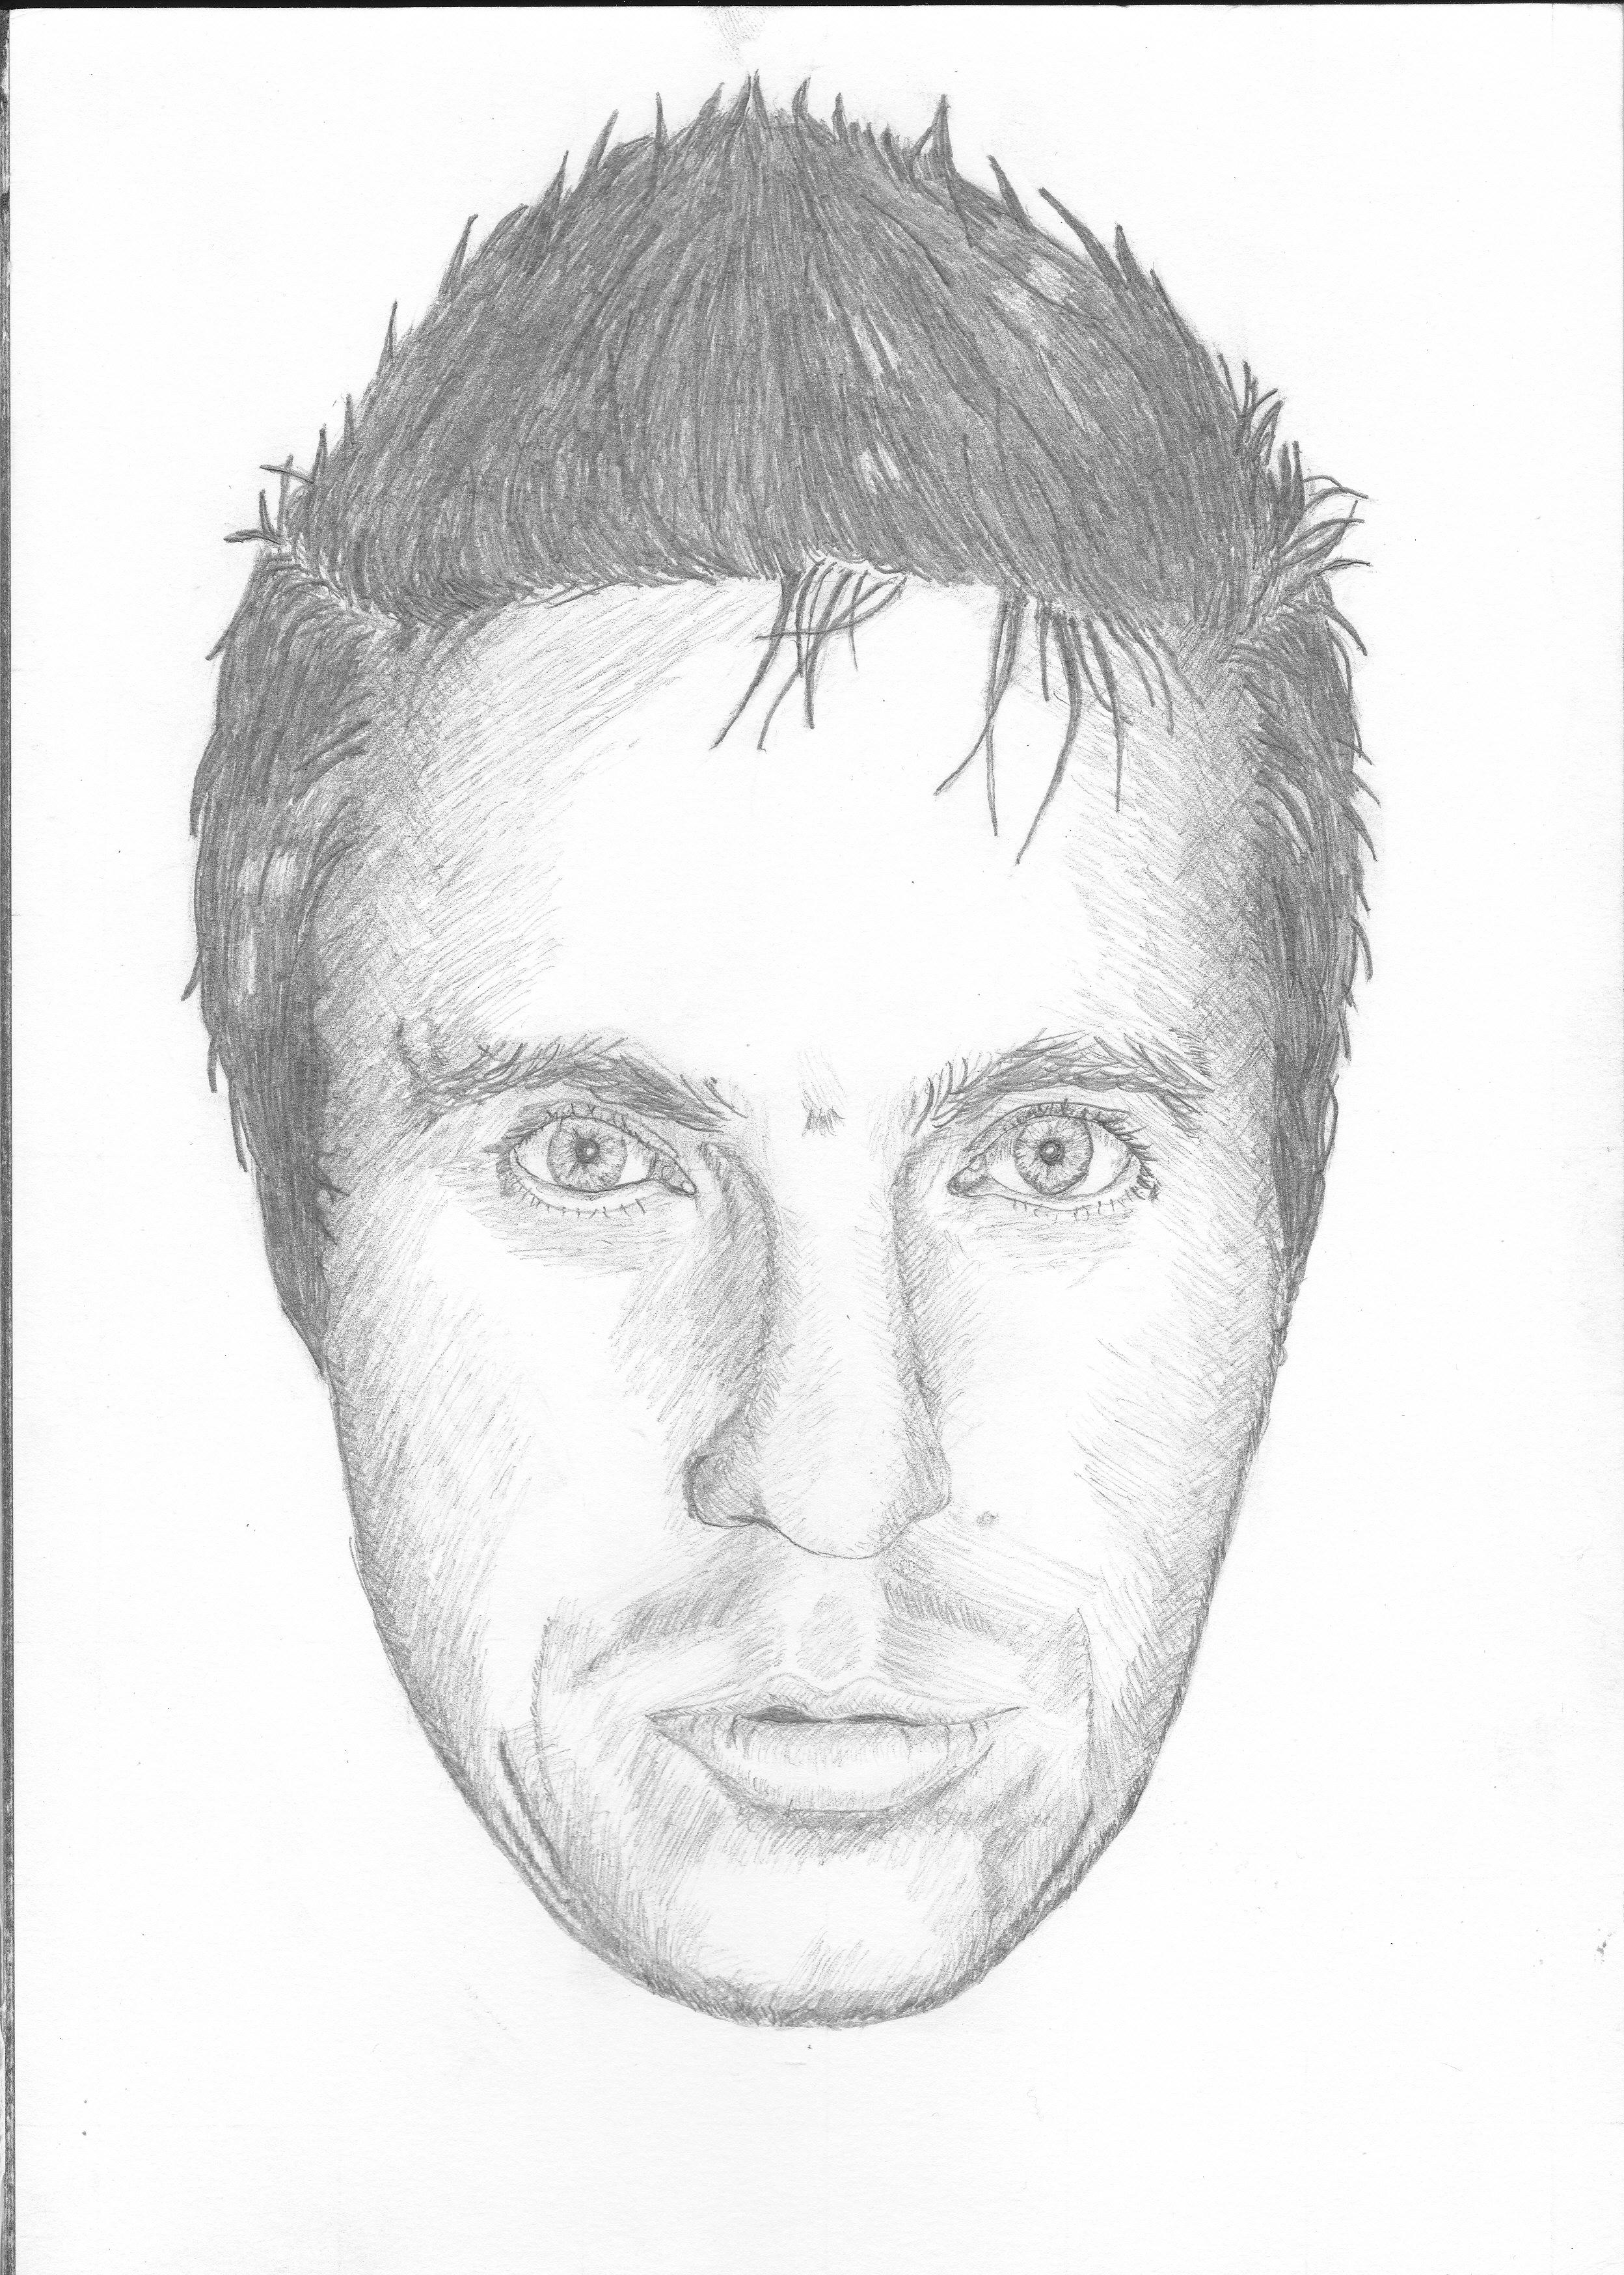 Drawn portrait portait 15th (9th Life portrait self